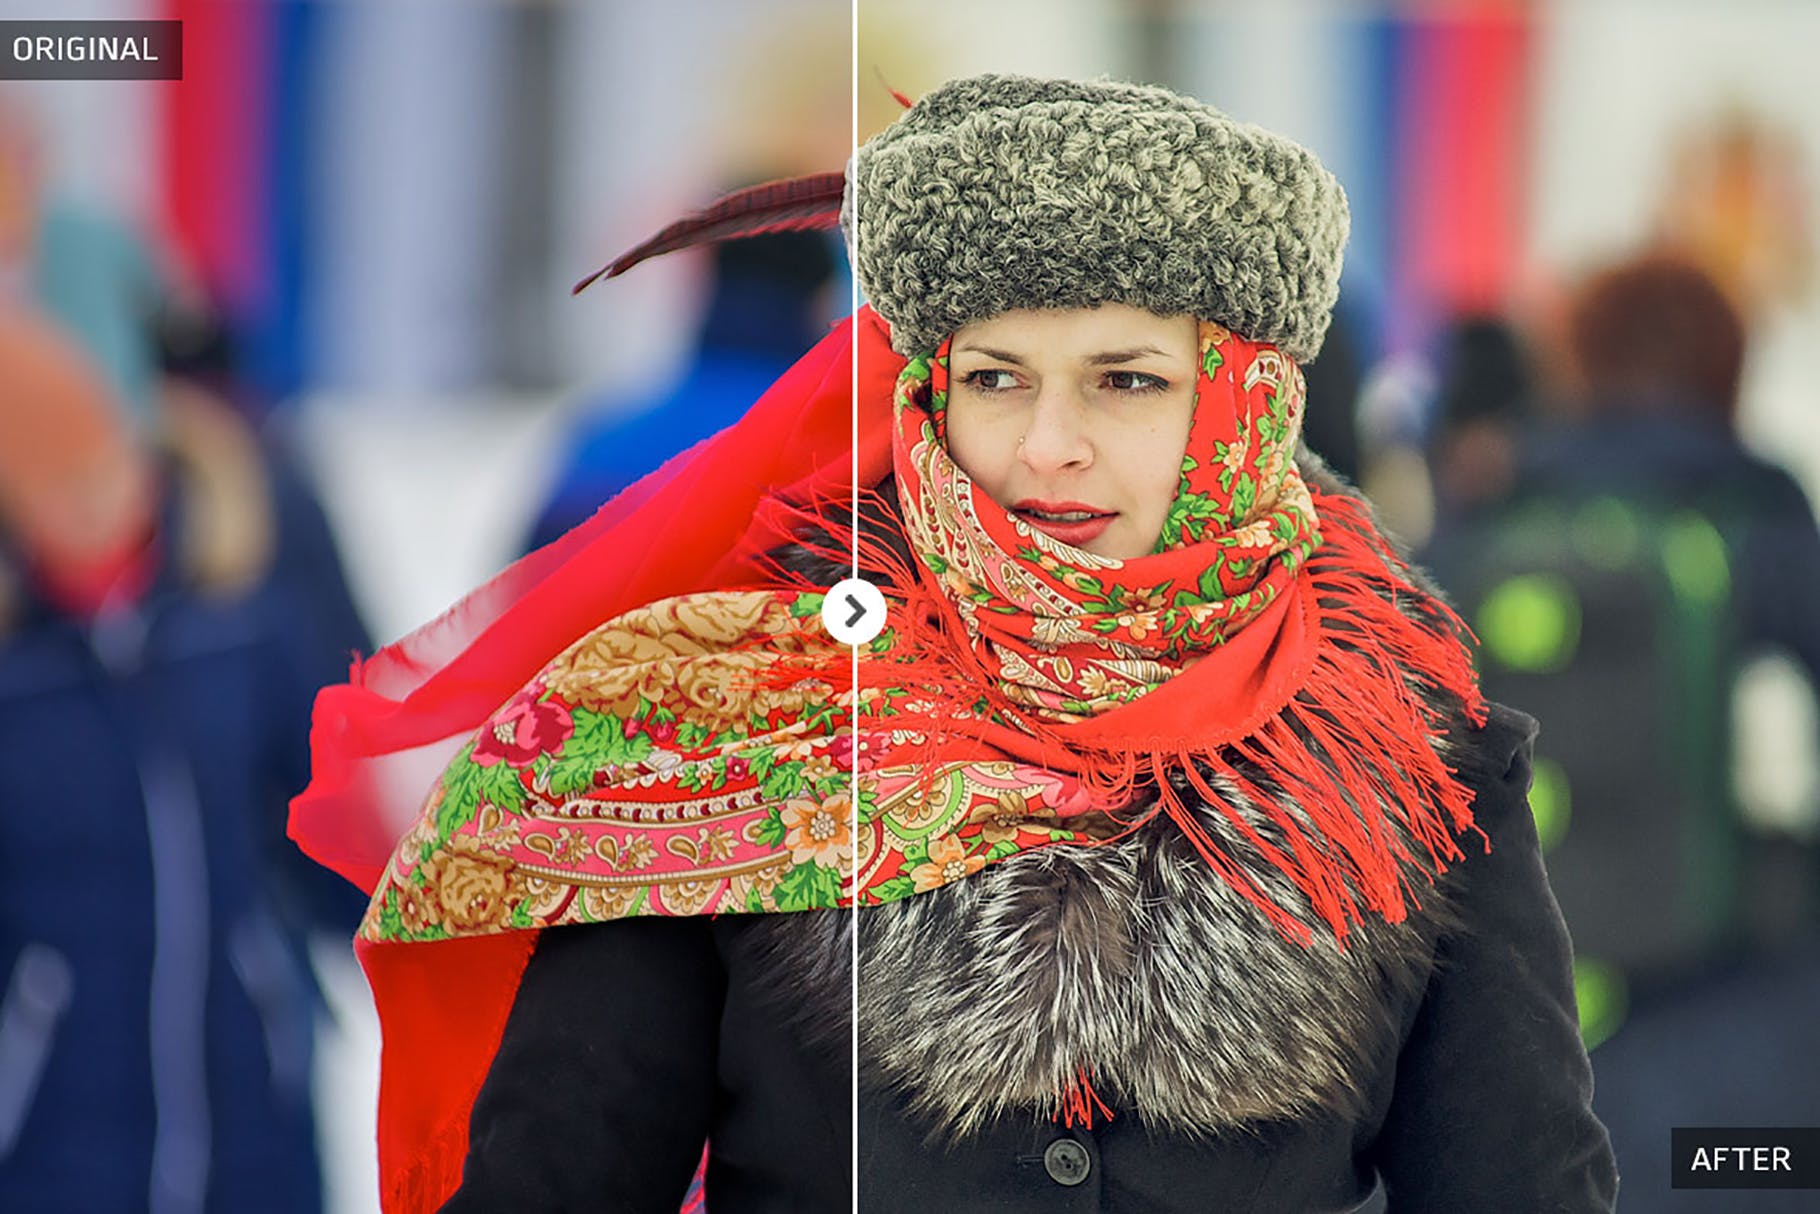 冬季旅行照片lightroom人像预设lightroom预设下载设计素材模板